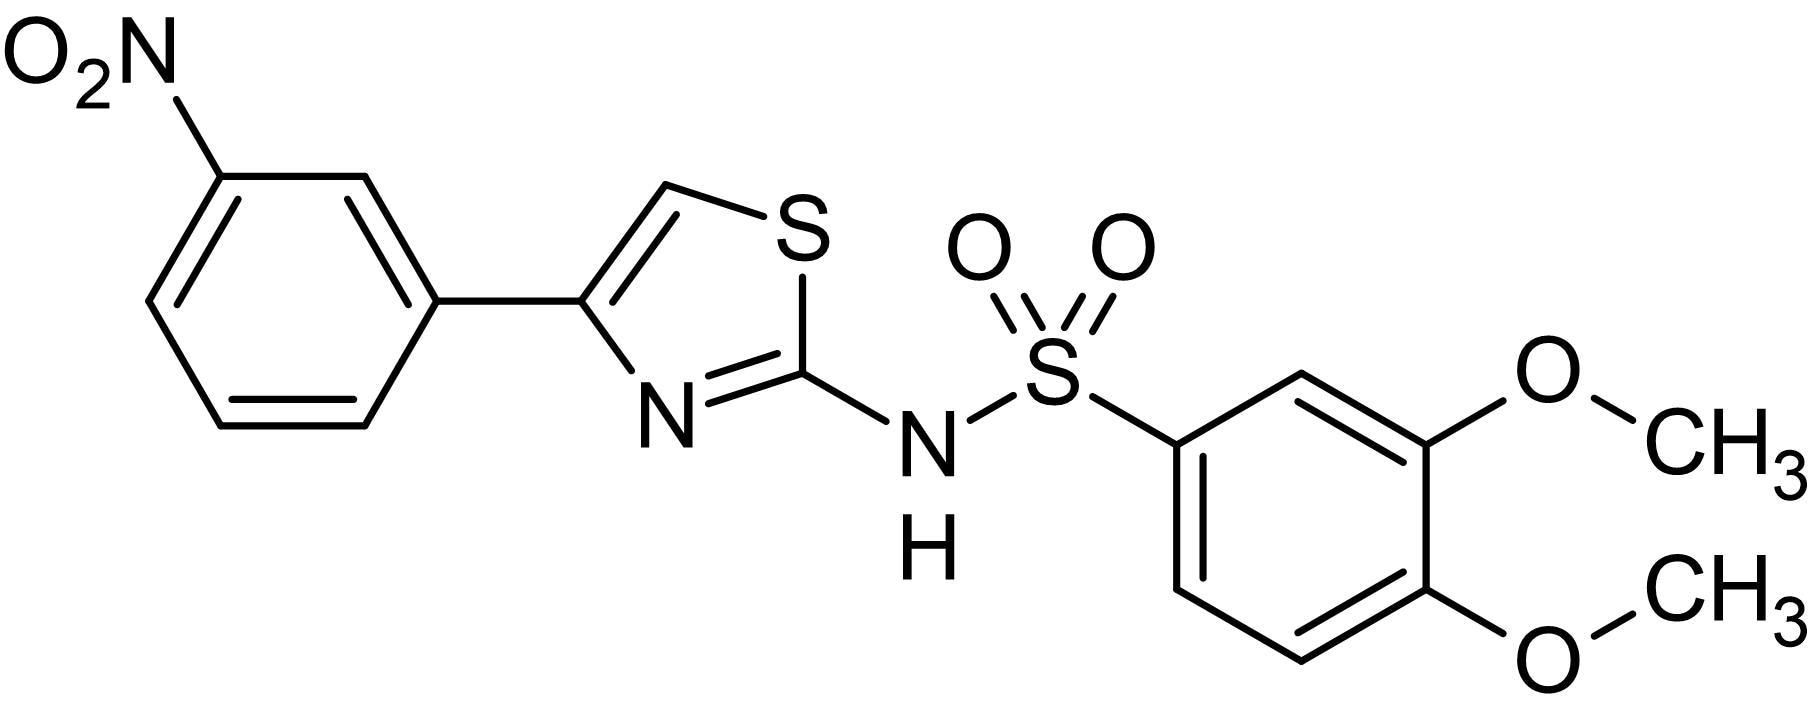 Chemical Structure - Ro 61-8048, kynurenine 3-monooxygenase (KMO) inhibitor (ab141466)